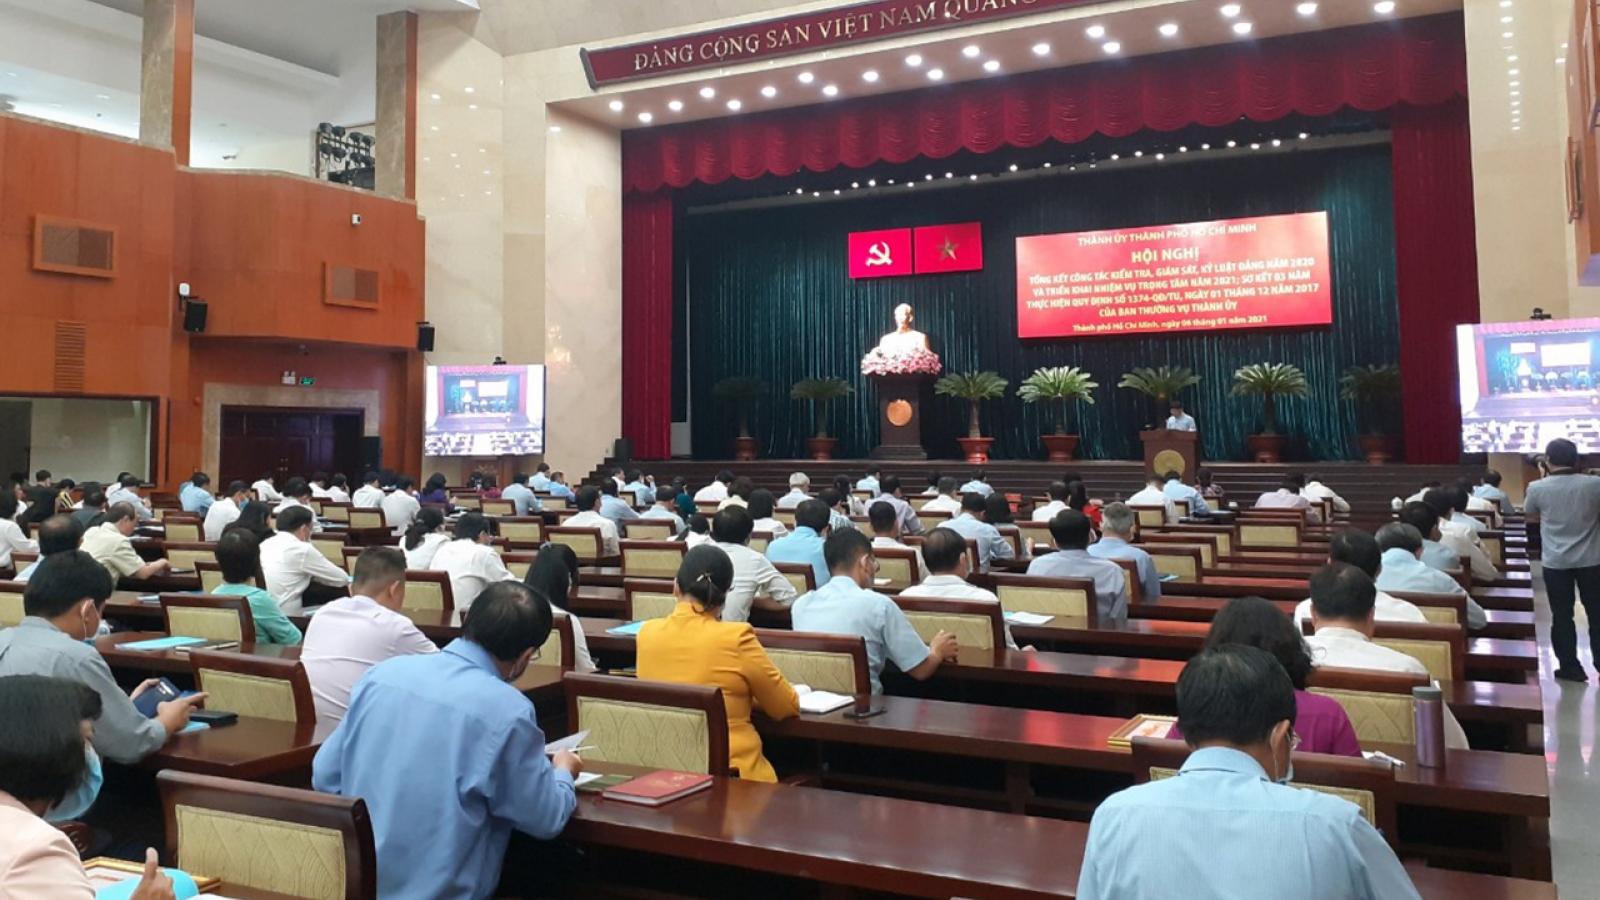 Hơn 500 đảng viên ở Thành phố Hồ Chí Minh bị kỷ luật